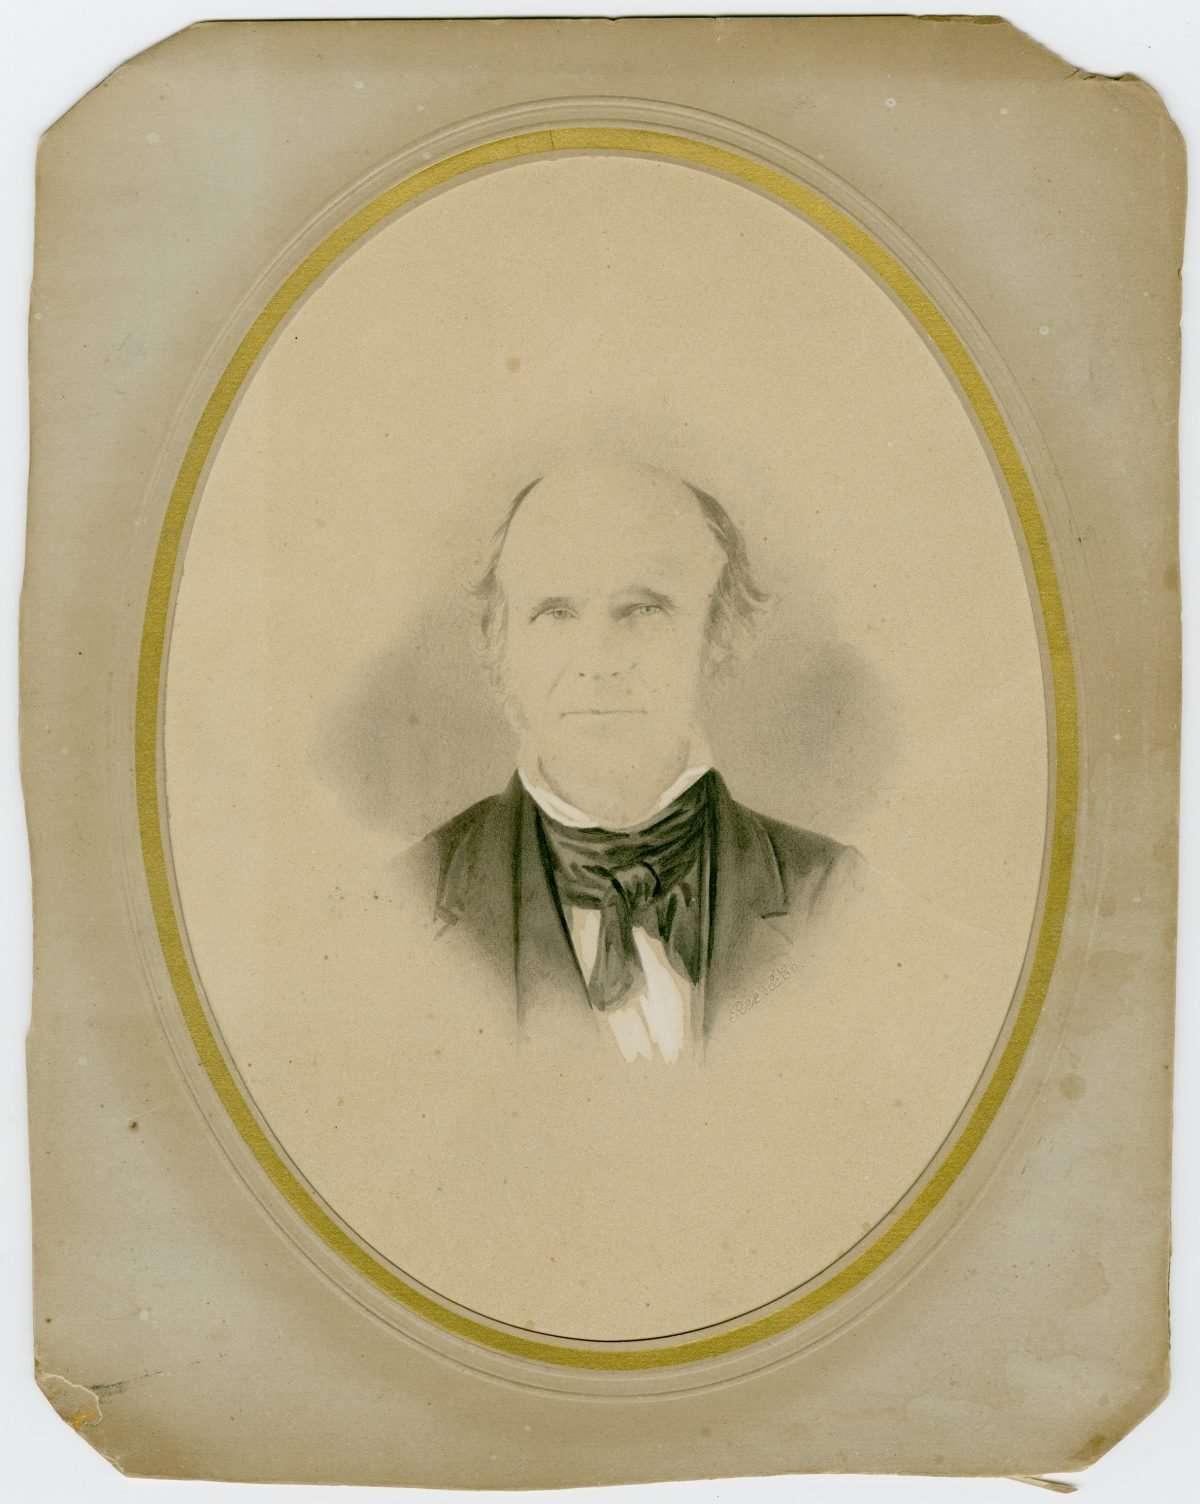 James Wood Bouldin